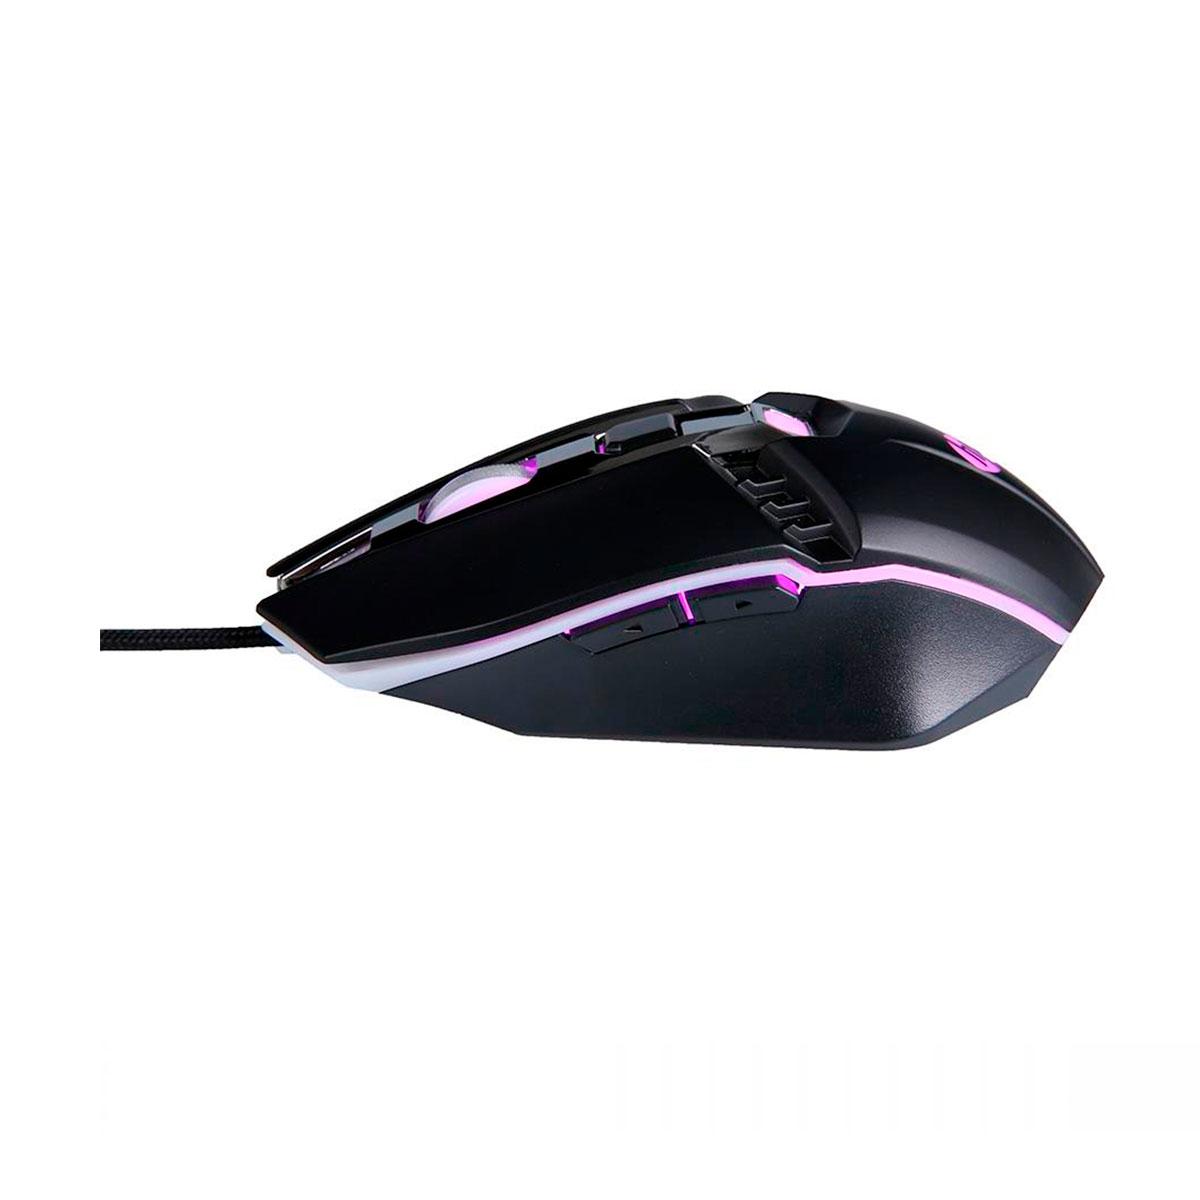 Mouse Gamer HP M270, USB, 2400DPI, LED, Preto